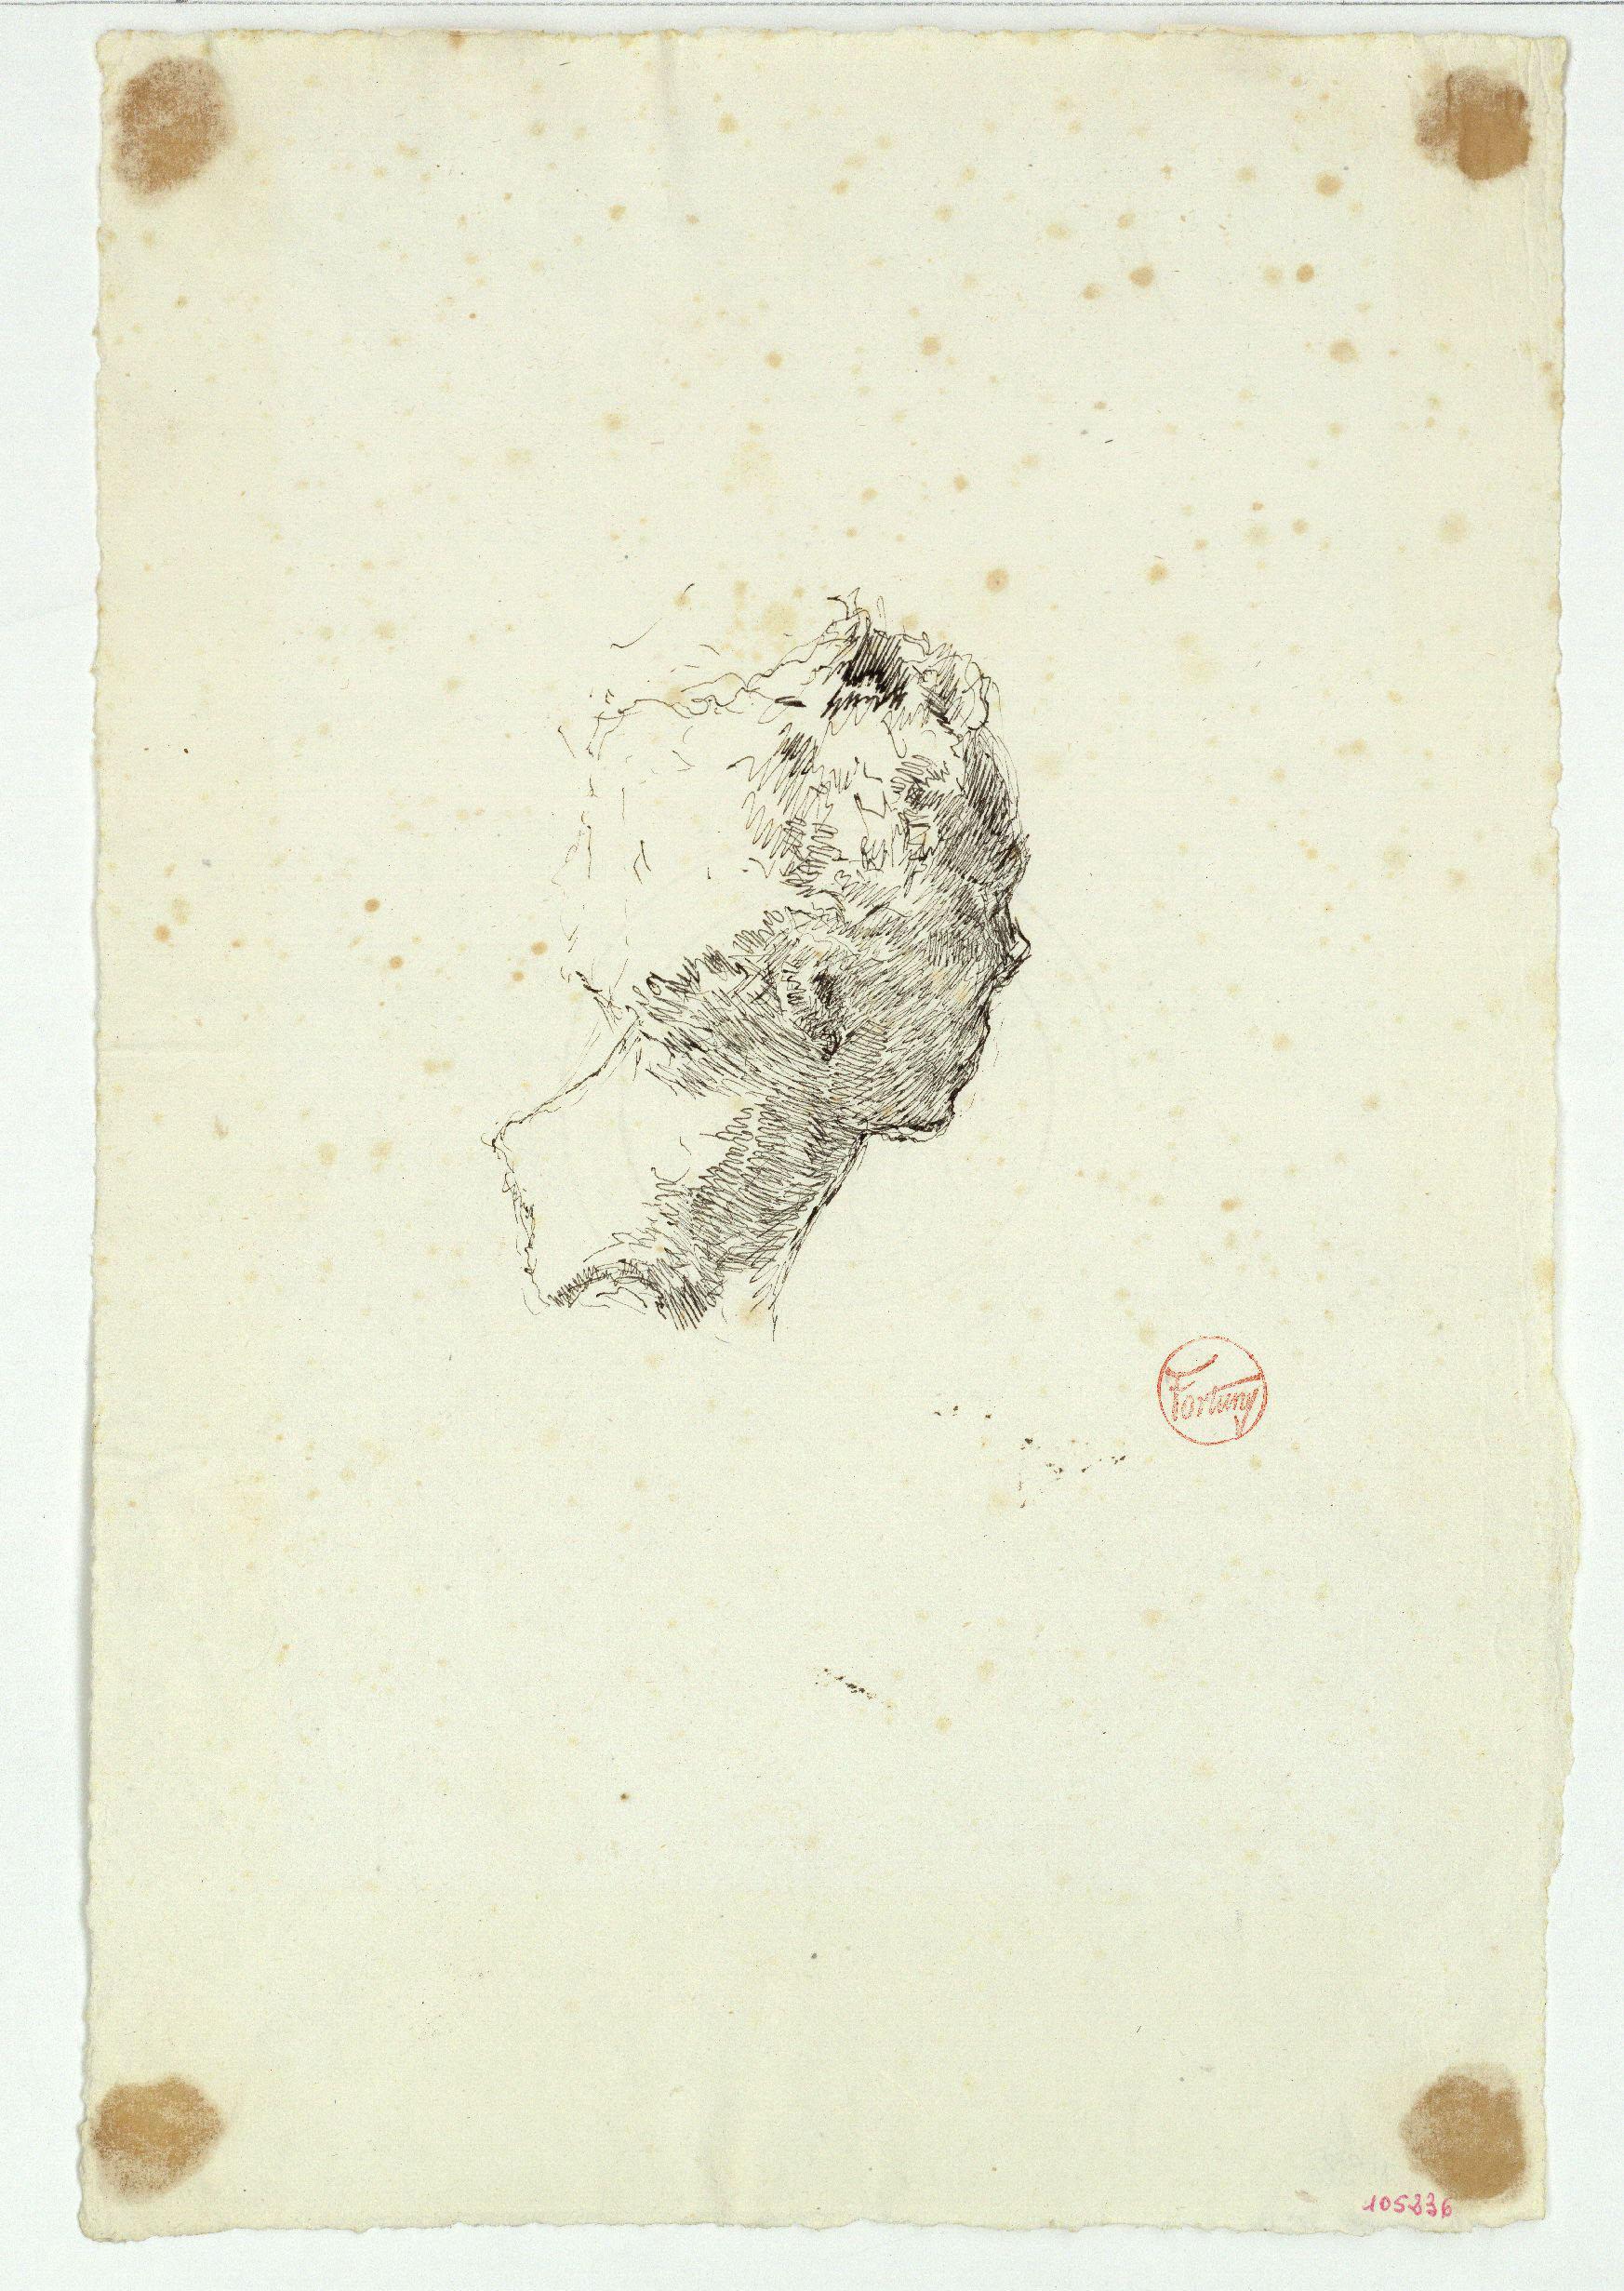 Marià Fortuny - Retrat de Vincenzo Gemito - Cap a 1874